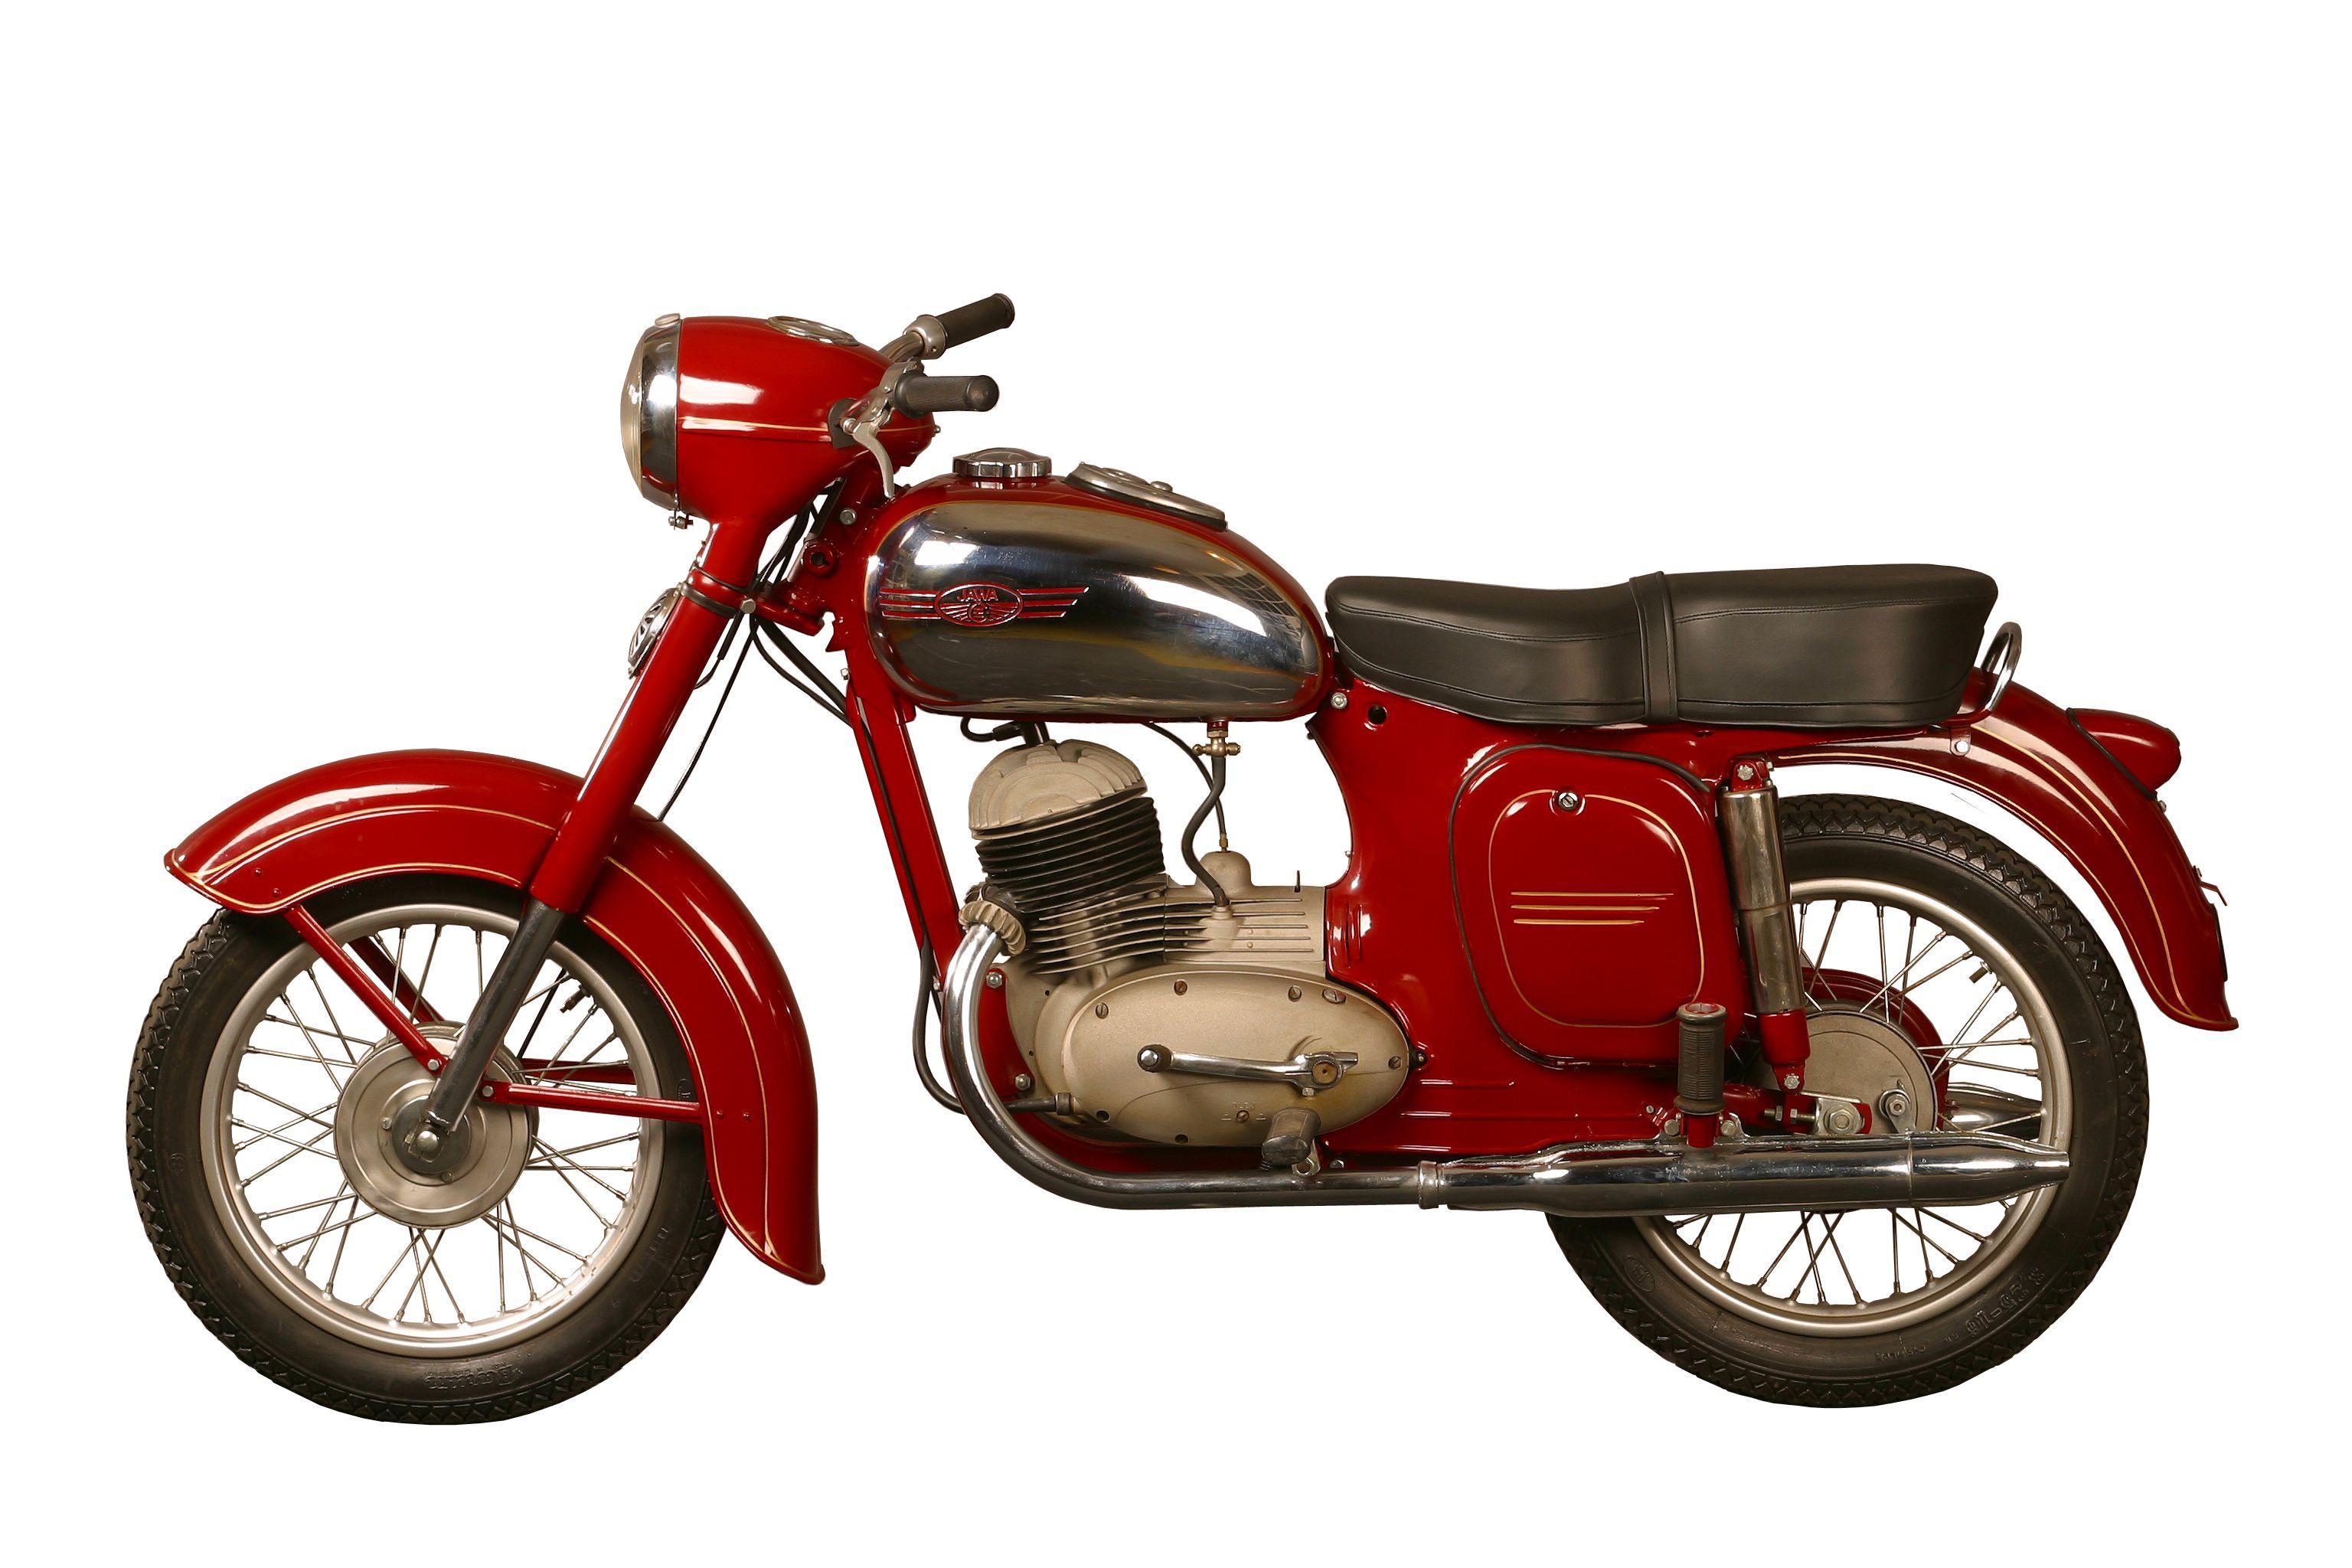 Wonderbaar Motorcycles JAWA GC-71